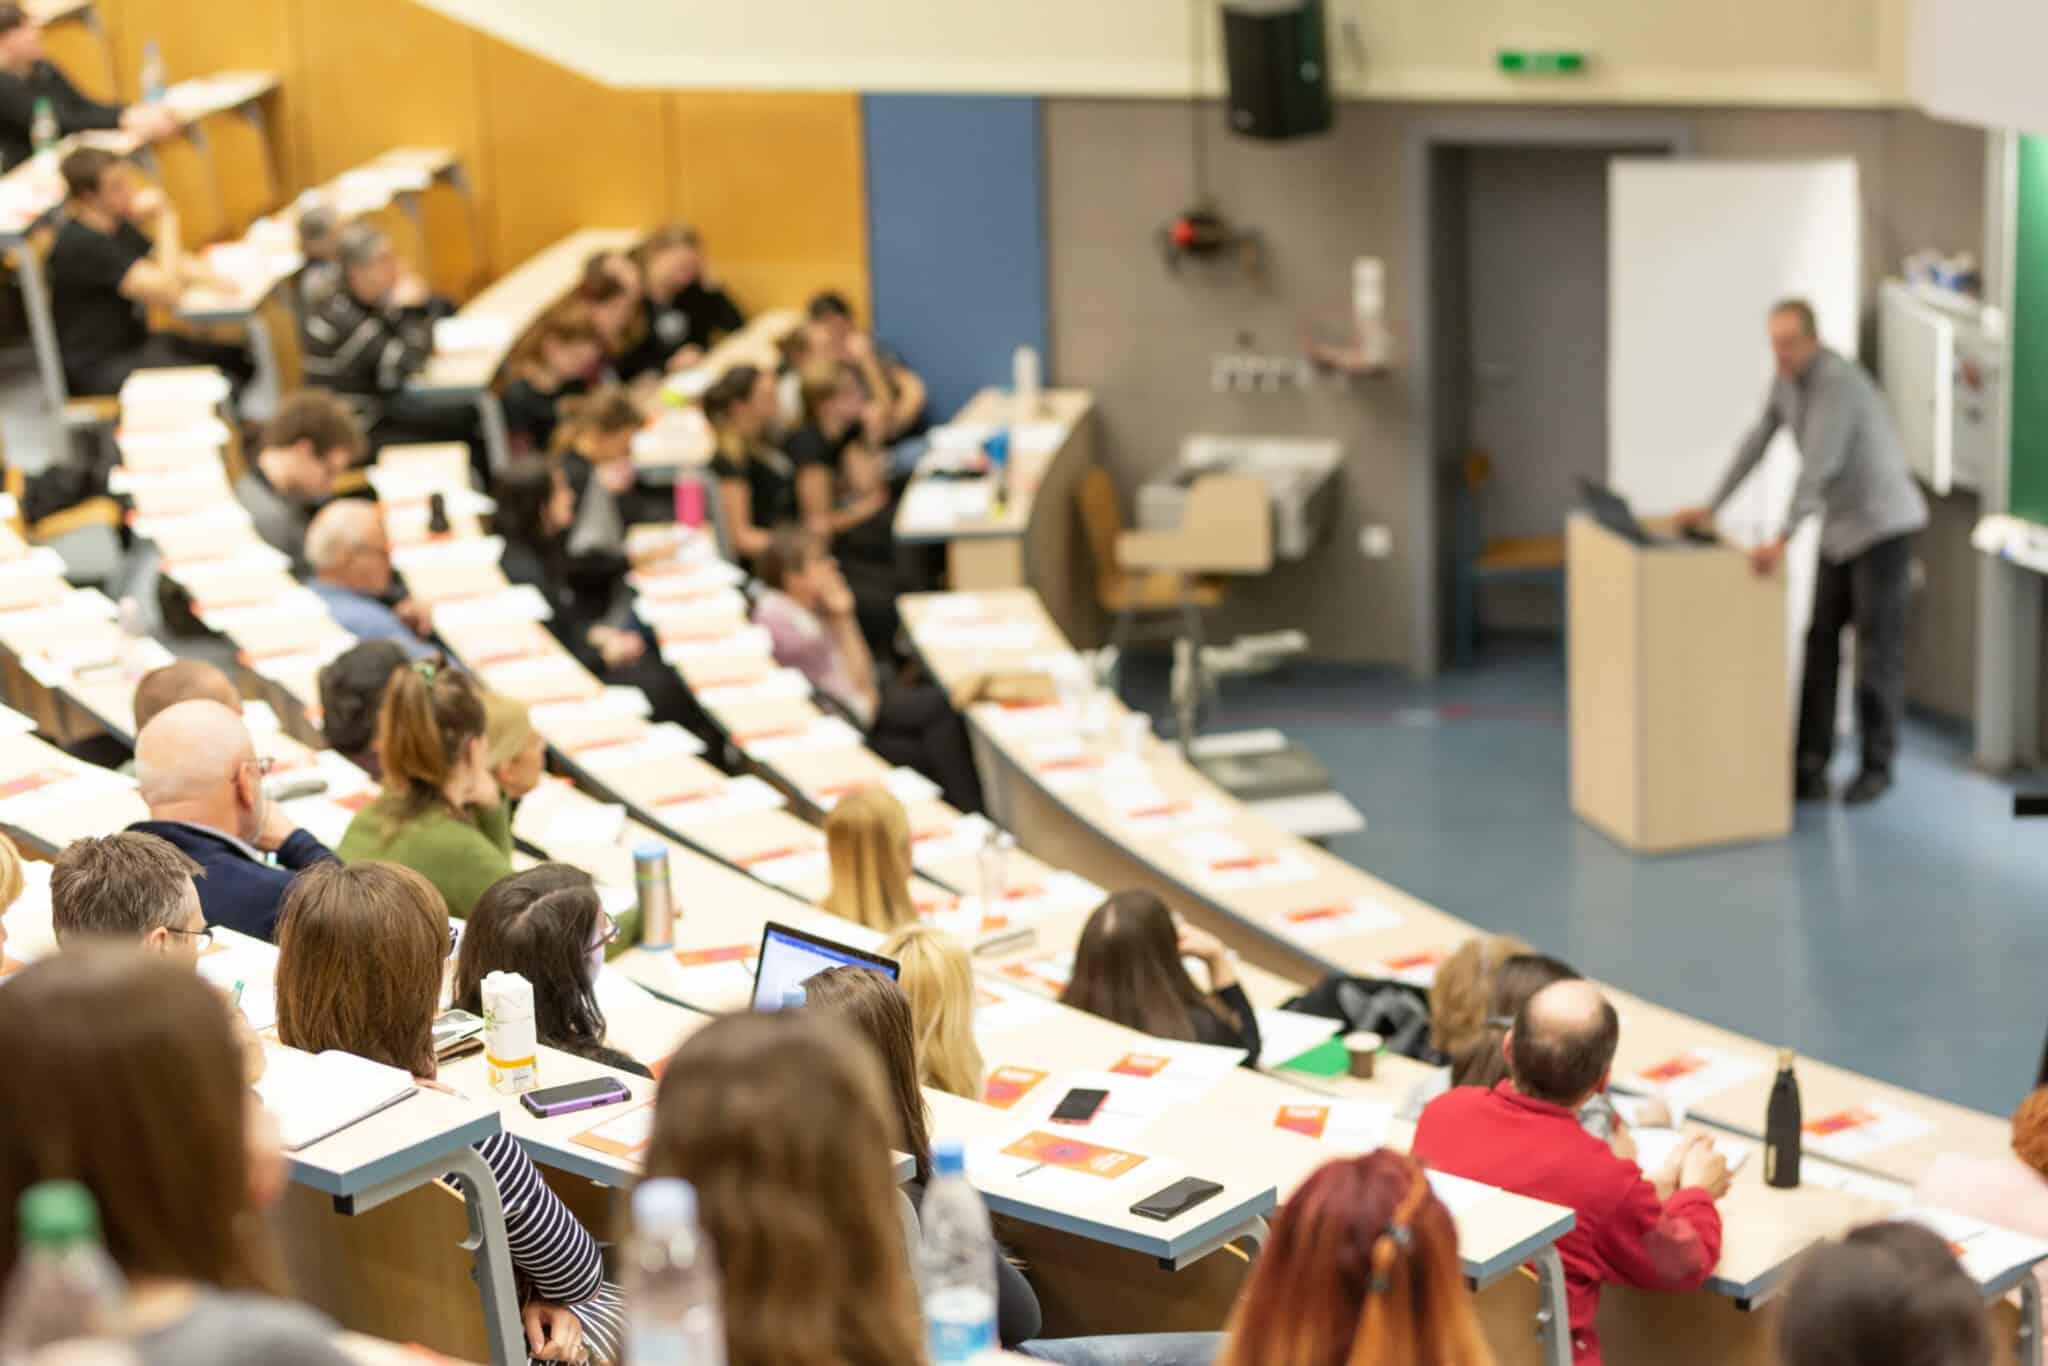 Enseignement supérieur: L'UNSA Education engagée pour les personnels, les étudiant.es, l'égalité et l'écologie